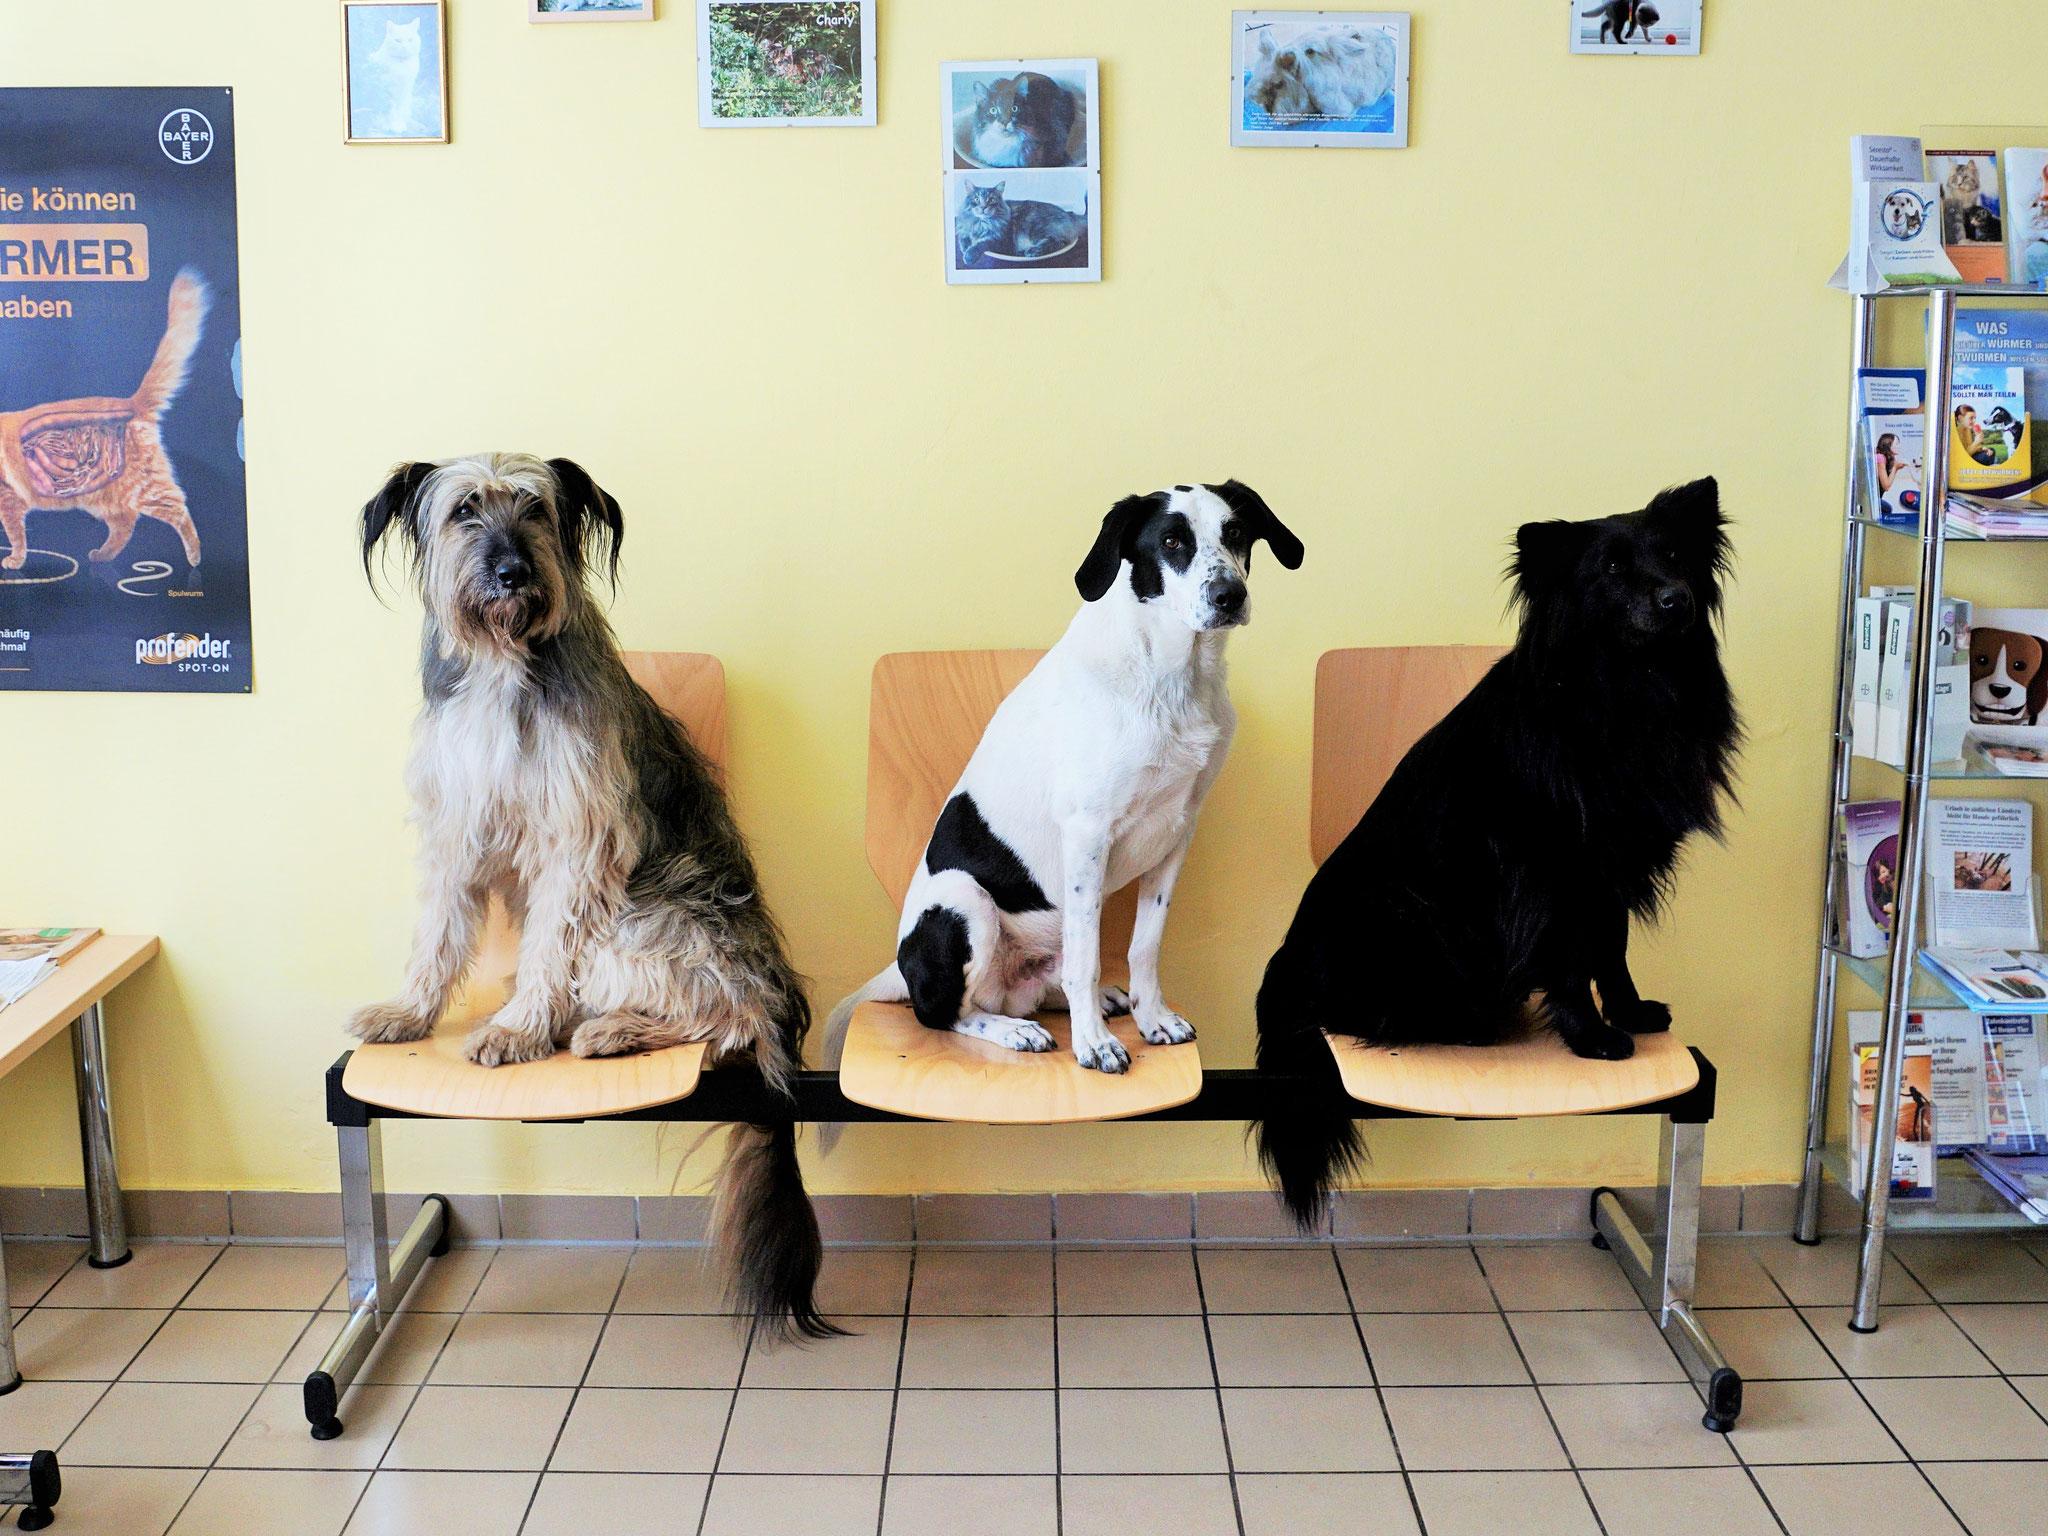 Briard-Mischling Lucy, Vorstehhund-Schäferhund-Mischling Anton und Chow-Chow-Mischling Happy in unserem hellen und geräumigen Wartezimmer